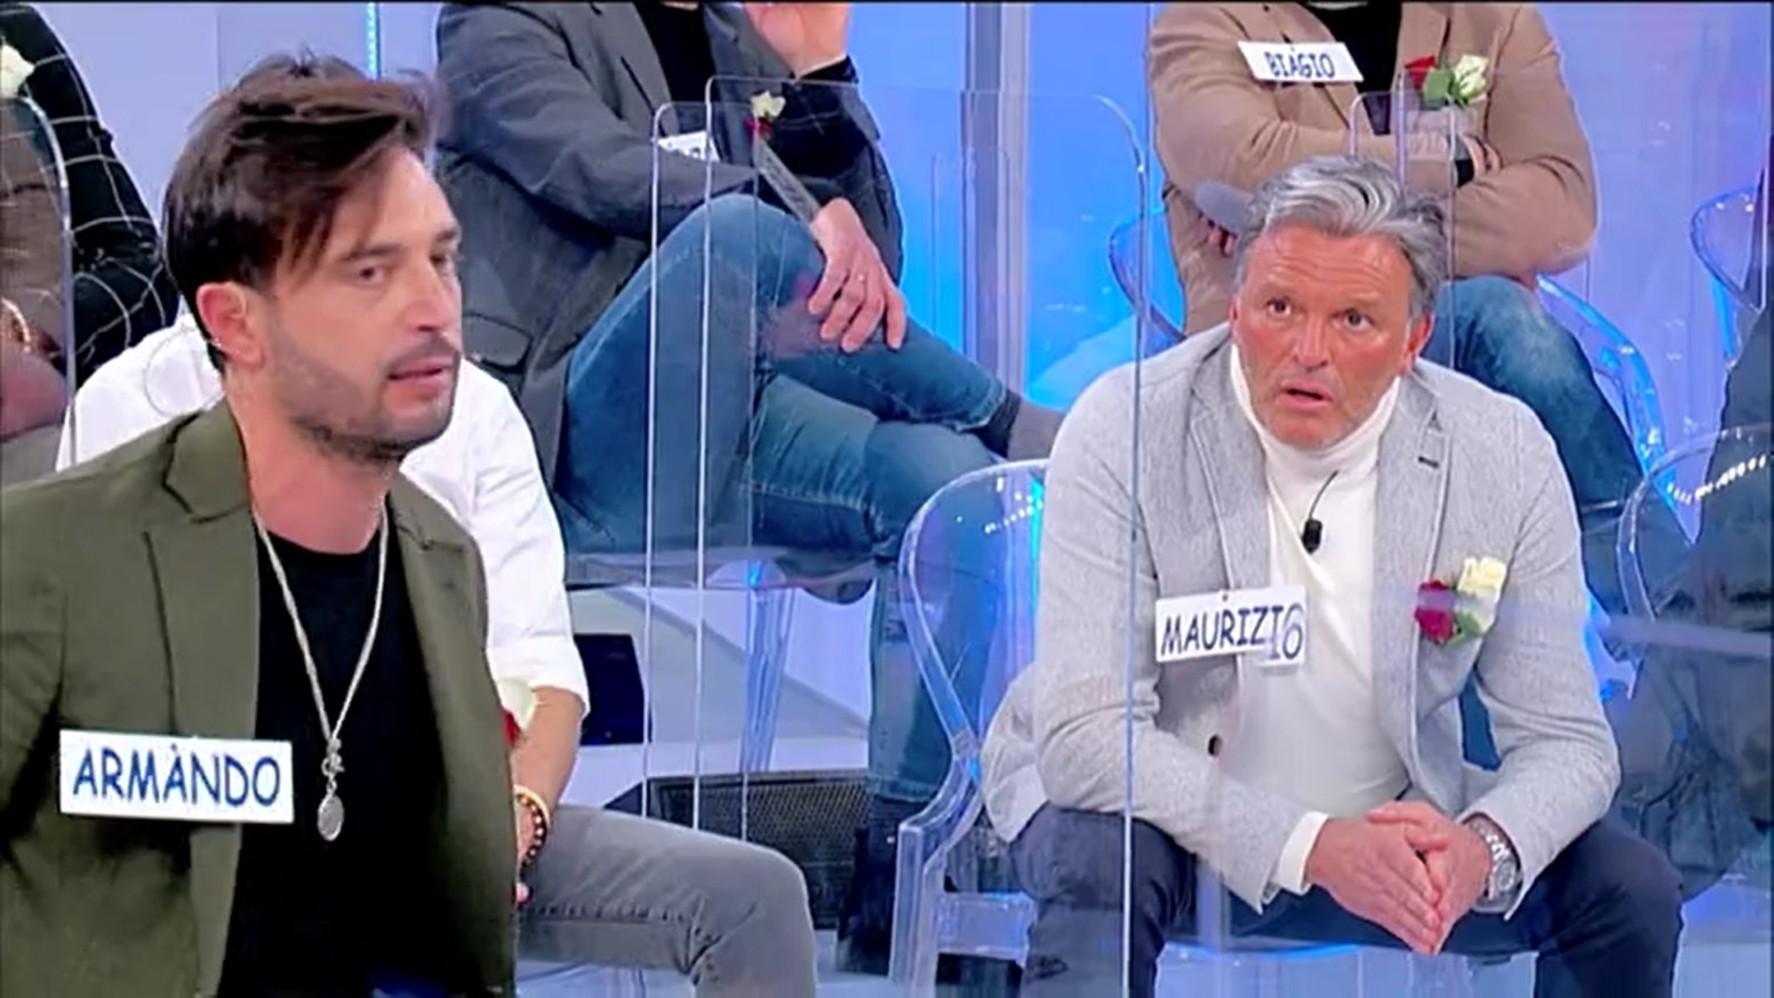 Uomini e Donne: Armando e la segnalazione su Maurizio